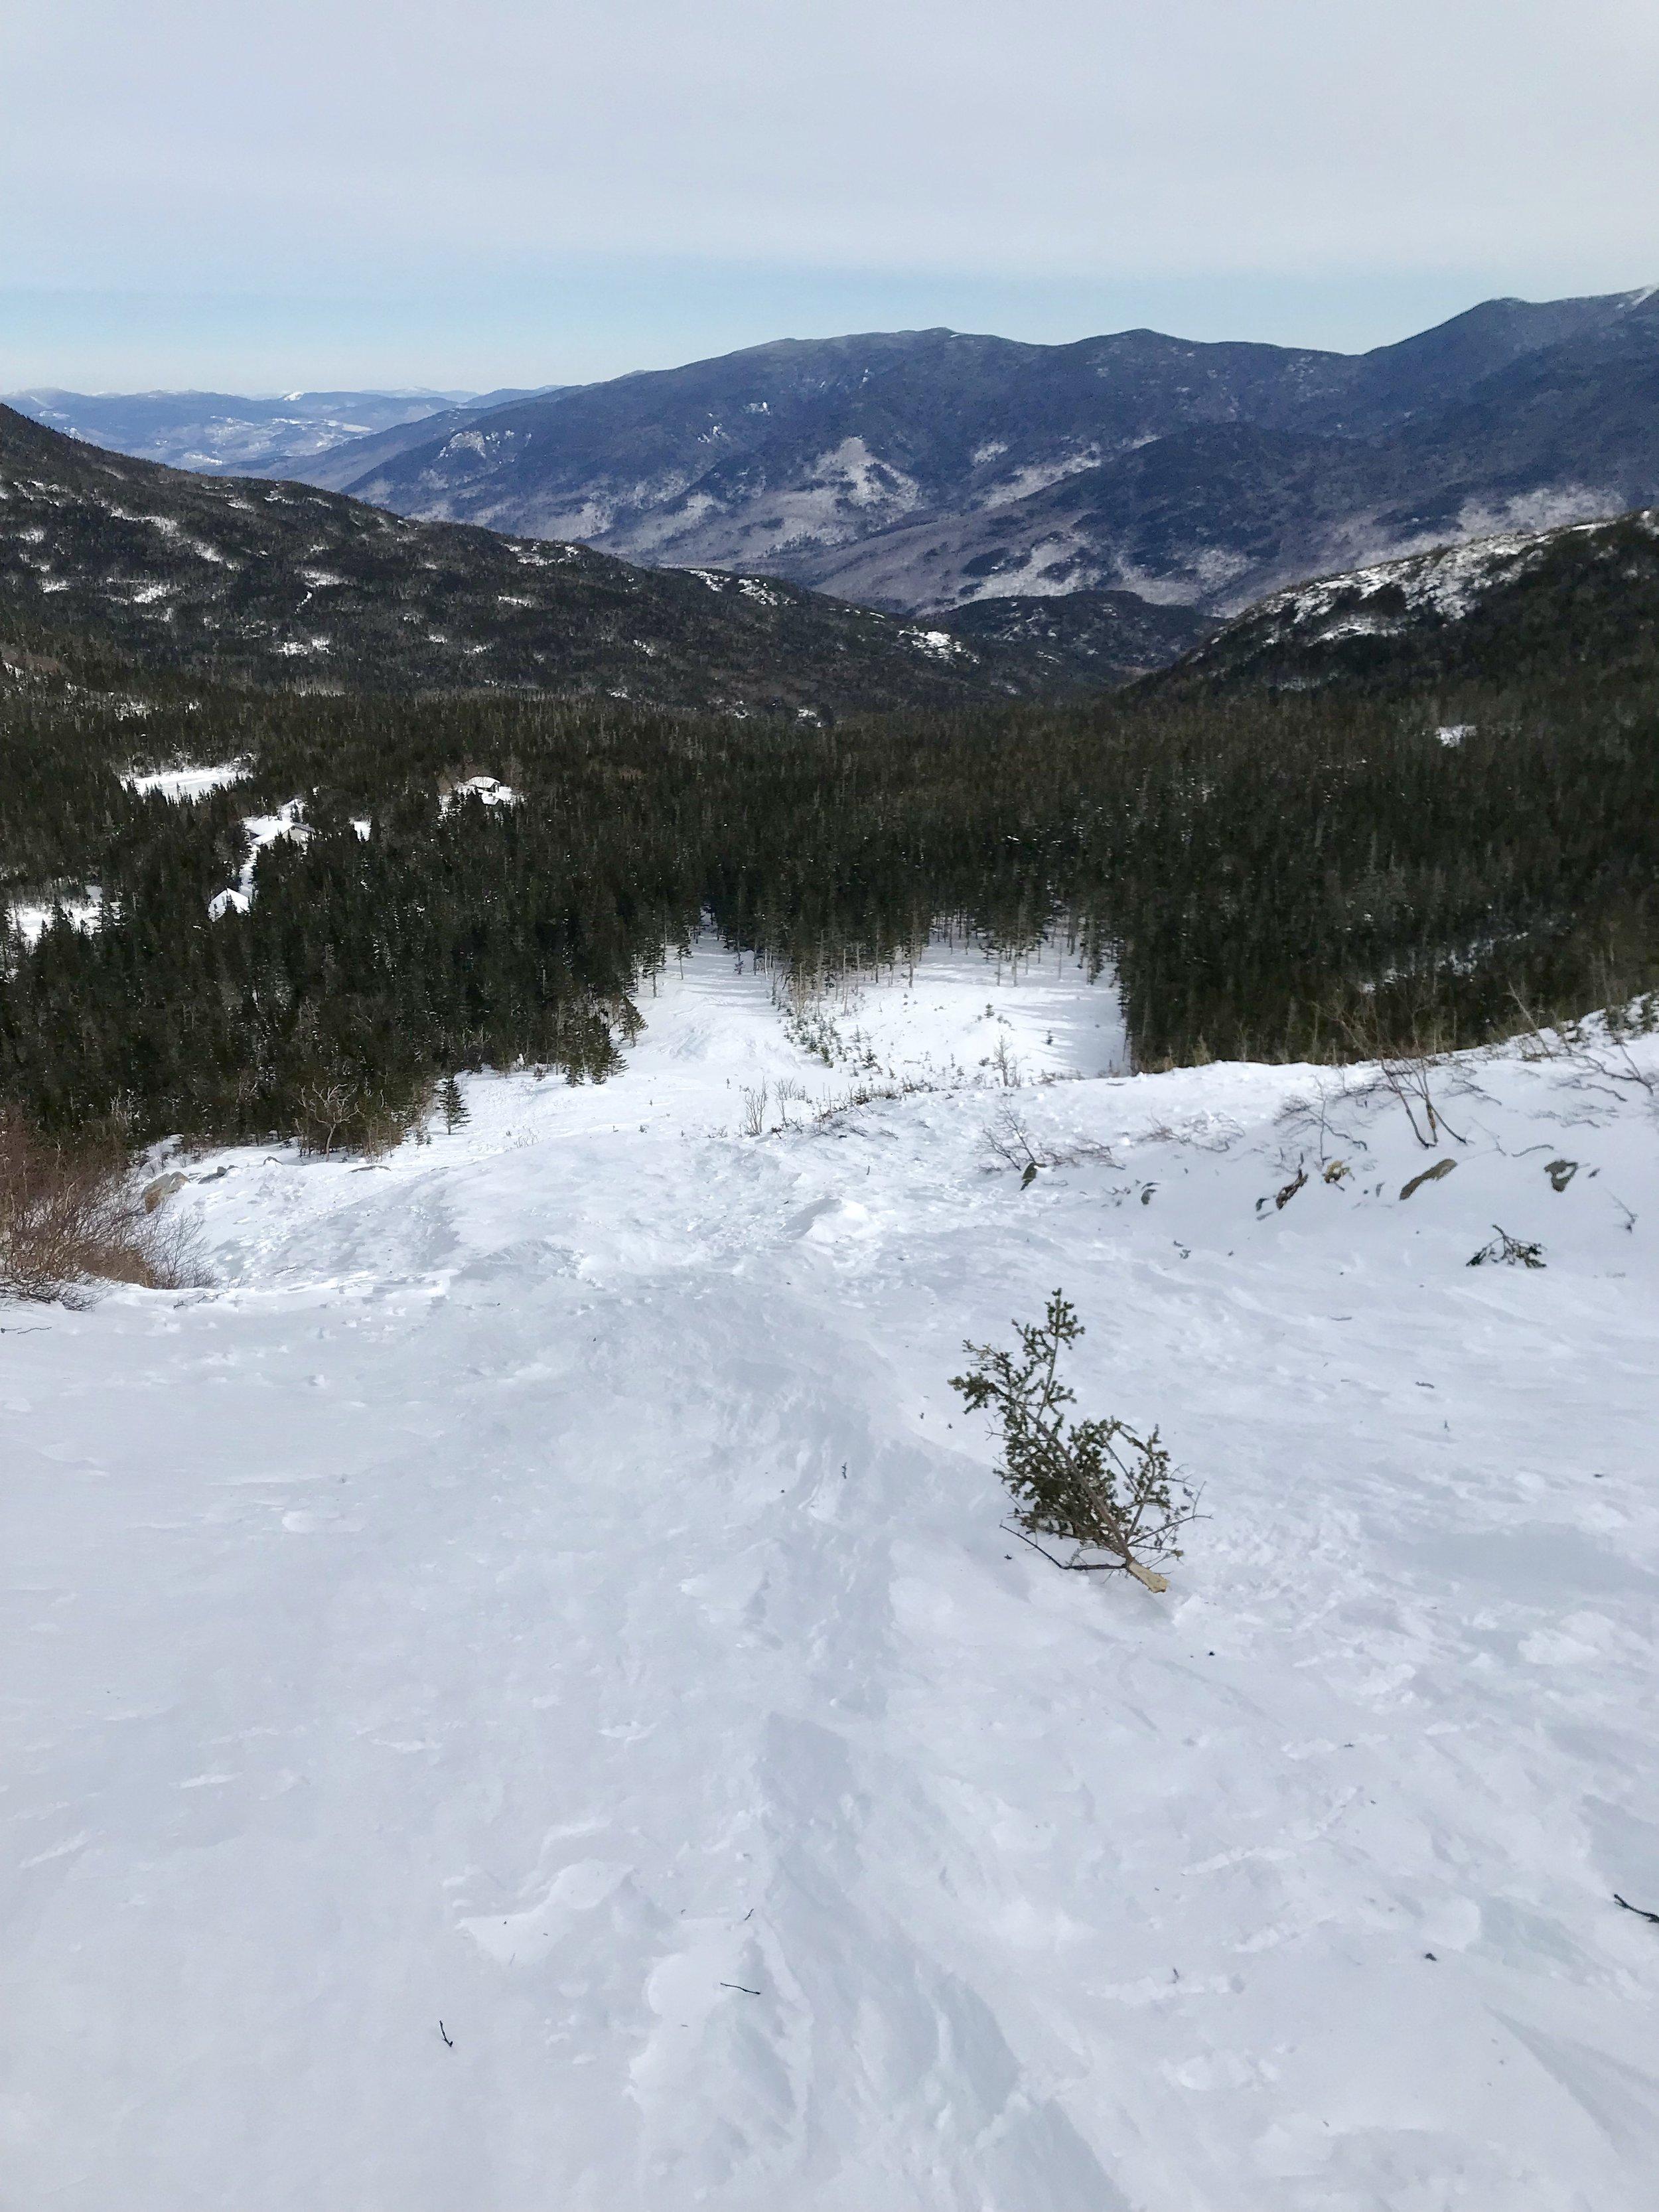 Hillman's Highway Avalanche Debris